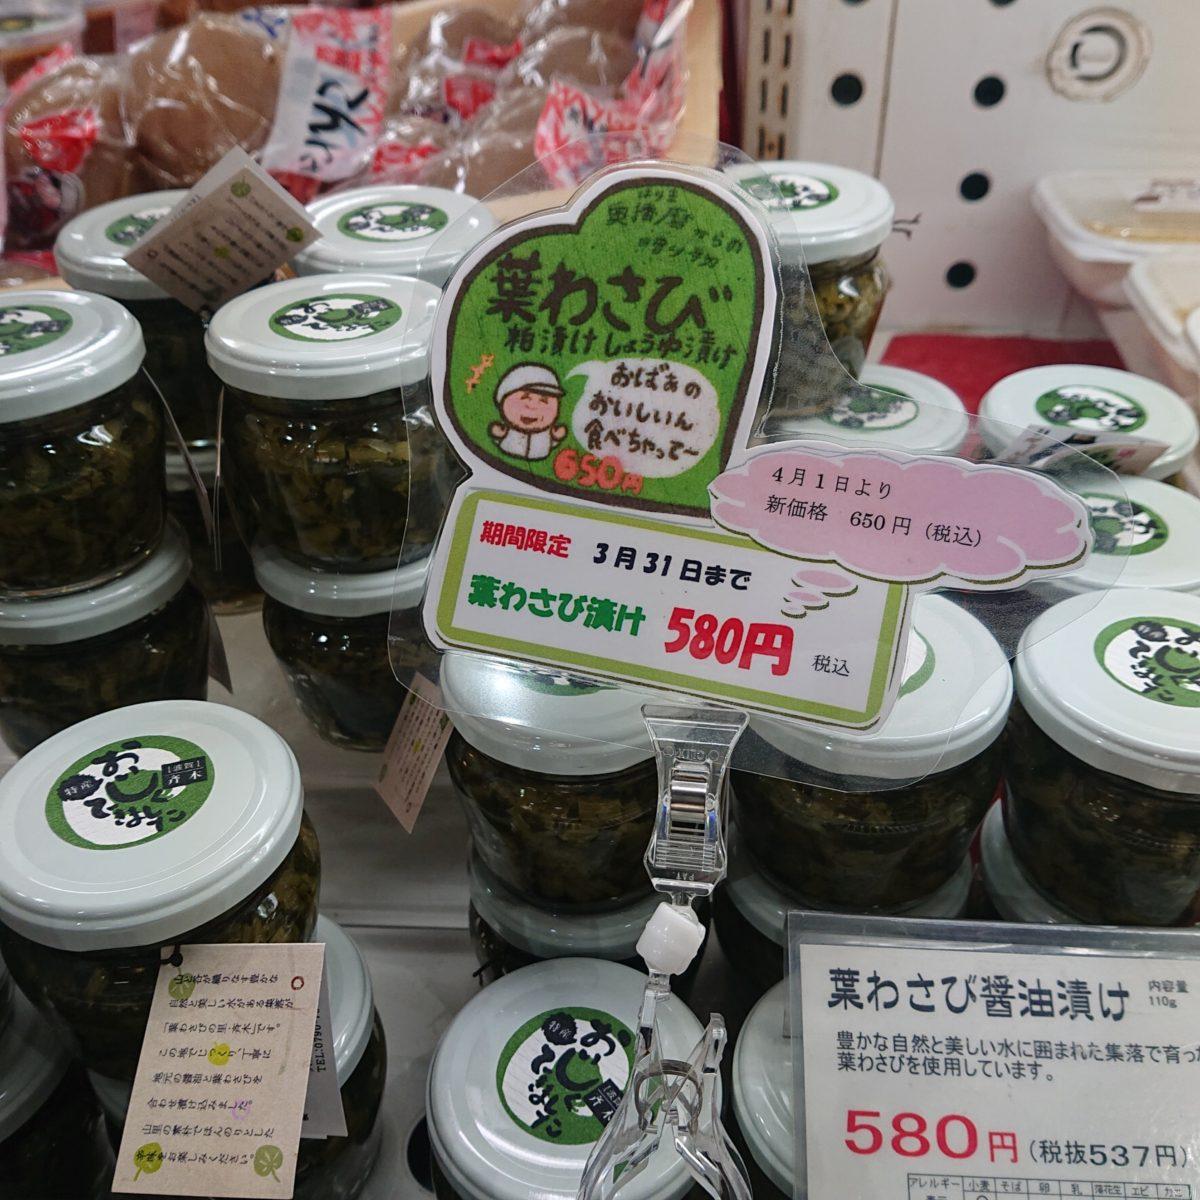 波賀町斉木の葉わさびしょうゆ漬け&粕漬け入荷しています! 道の駅みなみ波賀